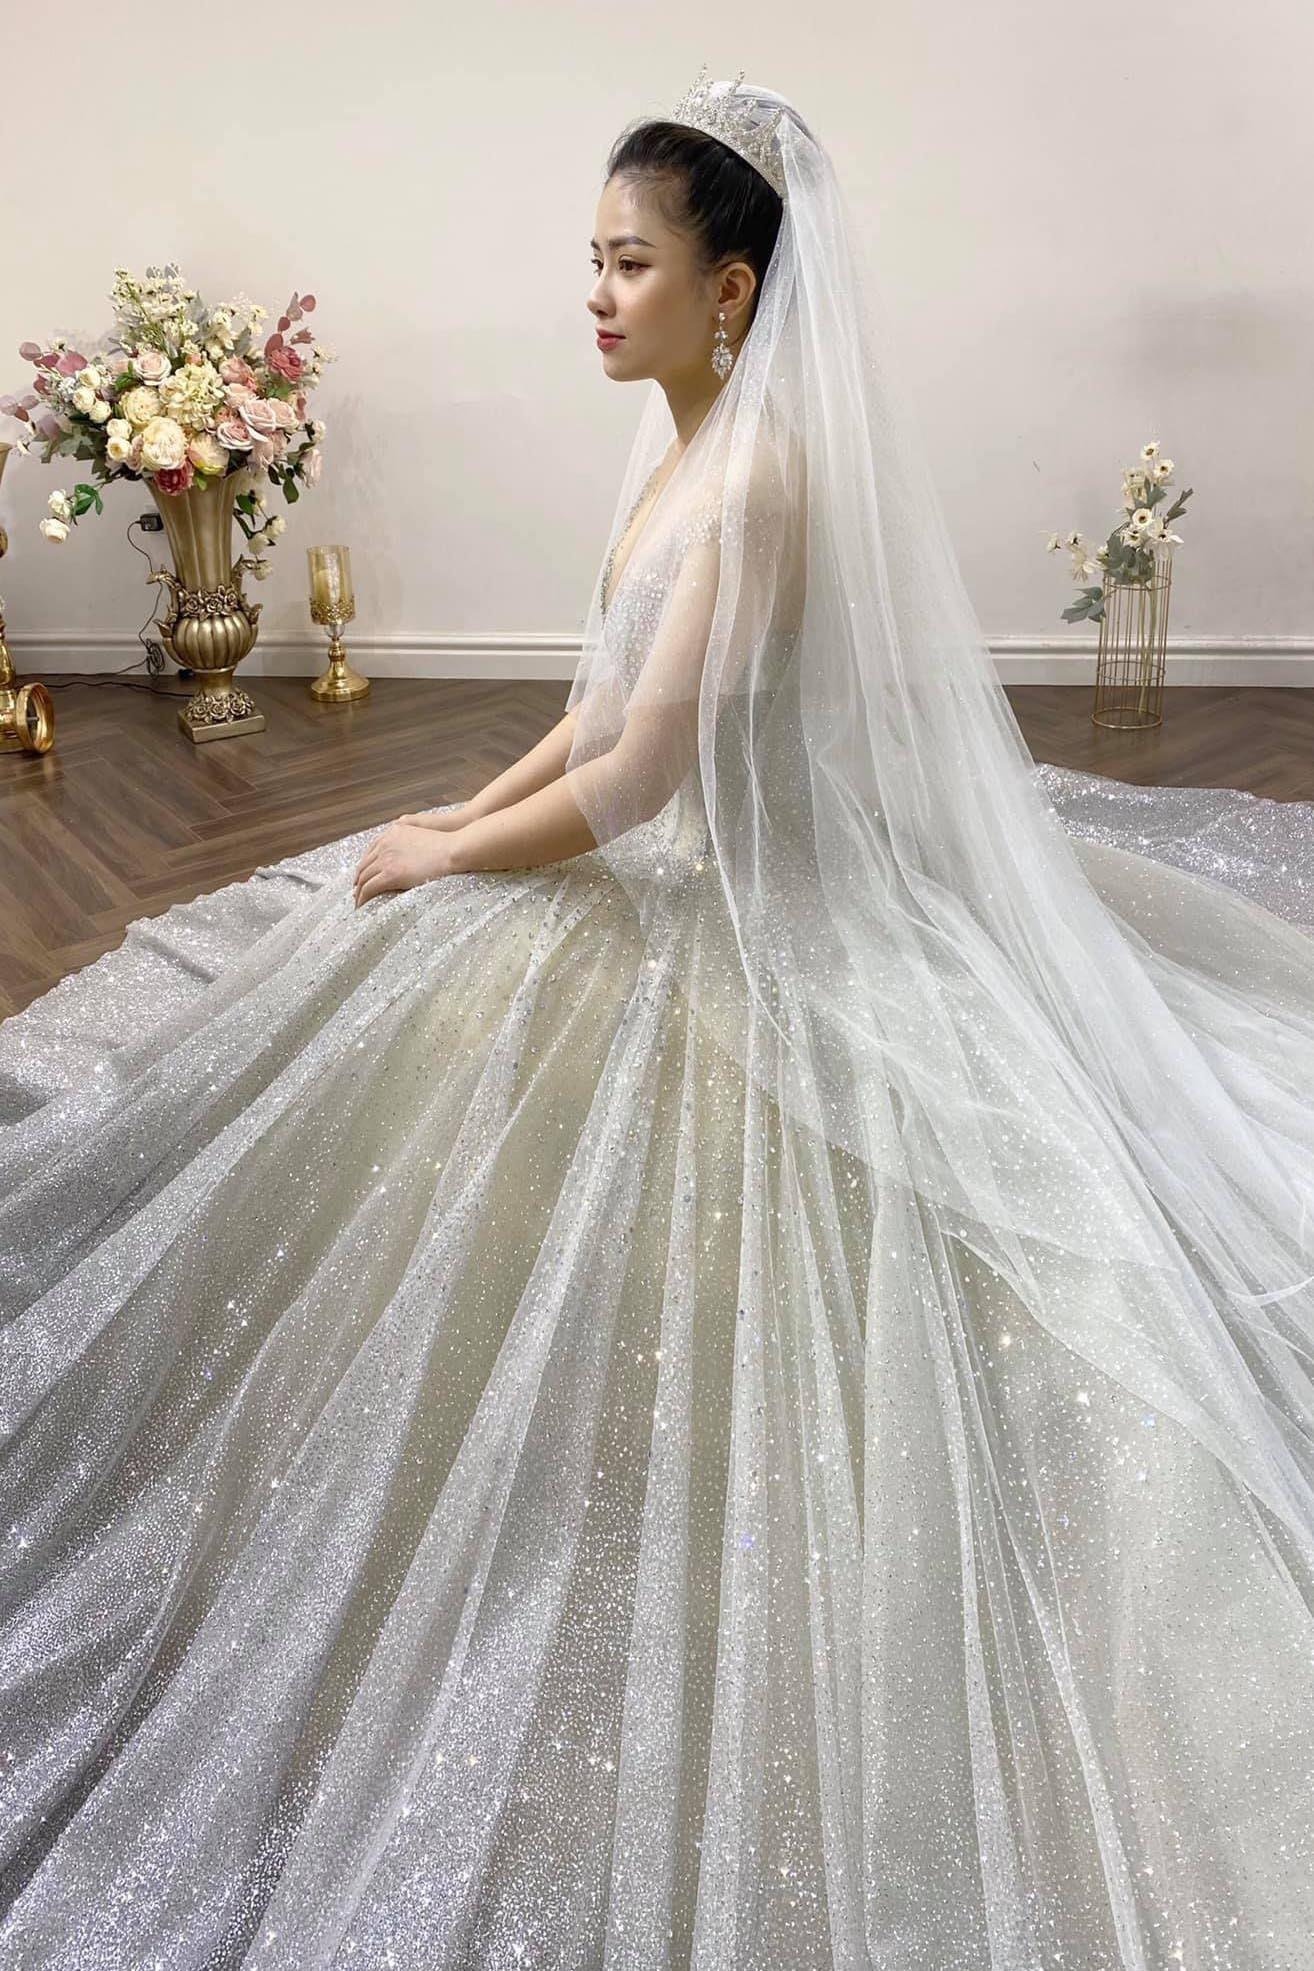 Dương Hoàng Yến gây bất ngờ với ảnh mặc váy cưới lộng lẫy